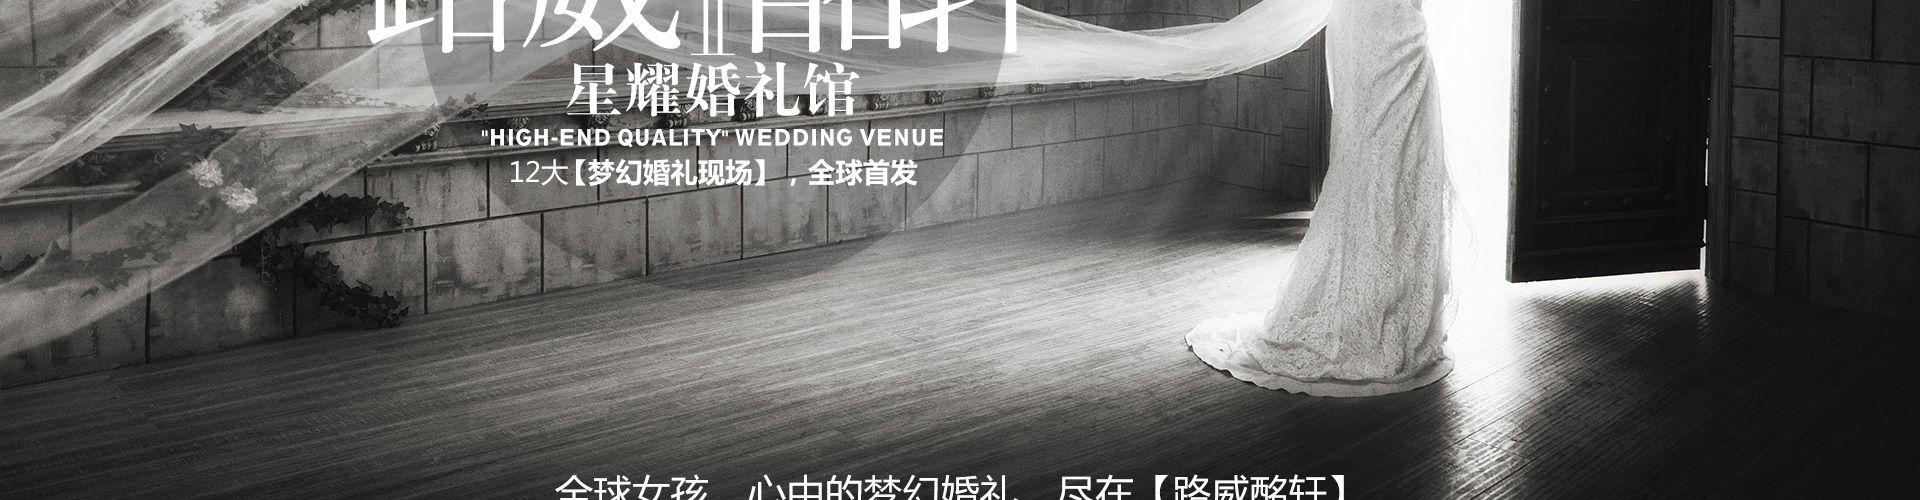 十二大梦想婚礼现场《路威酩轩》2